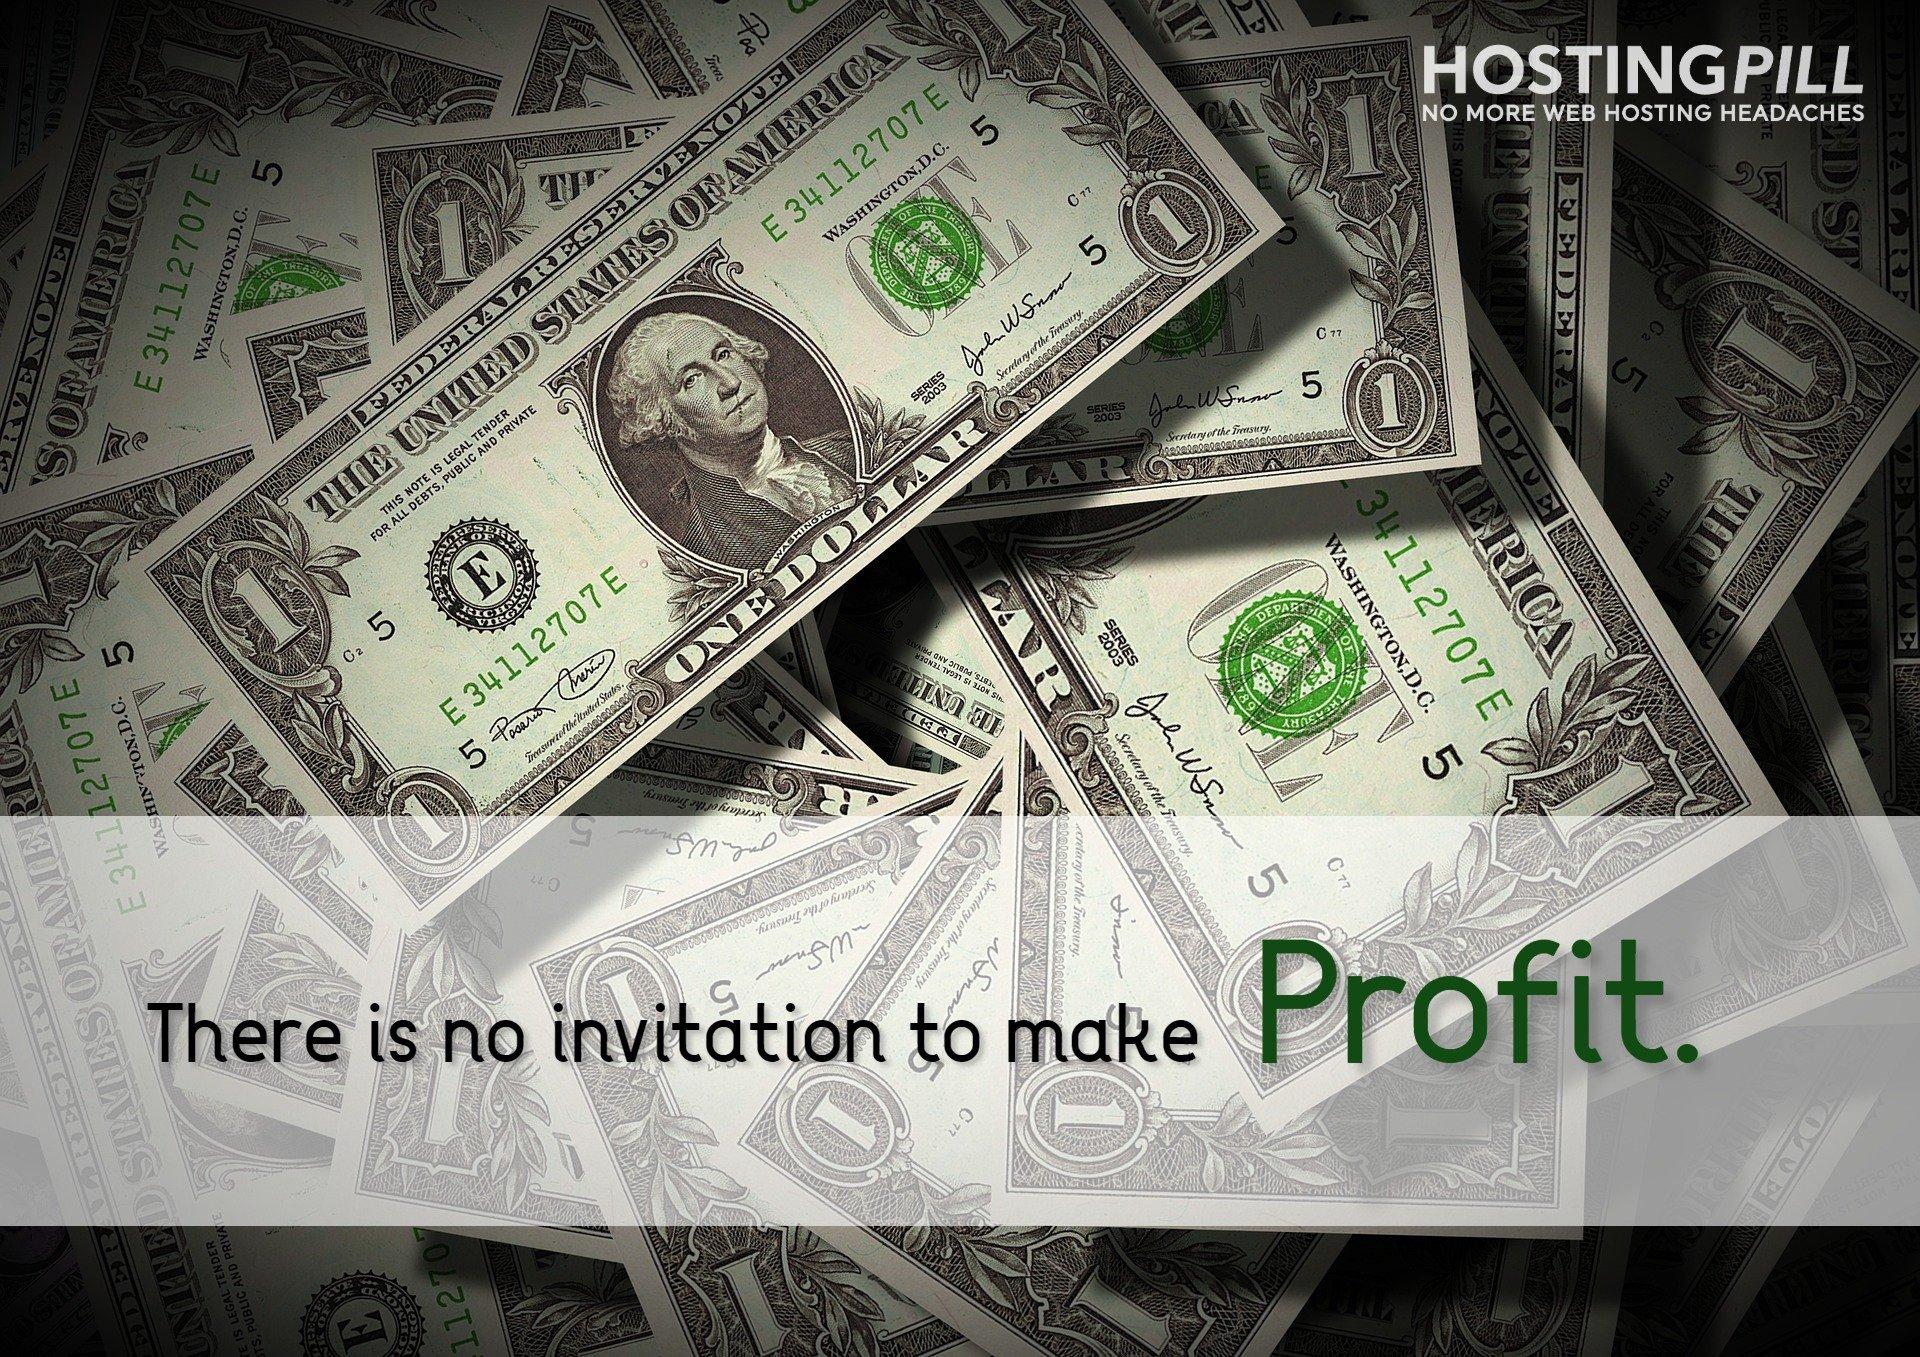 There is no invitation to make profit. - Dhirubhai Ambani